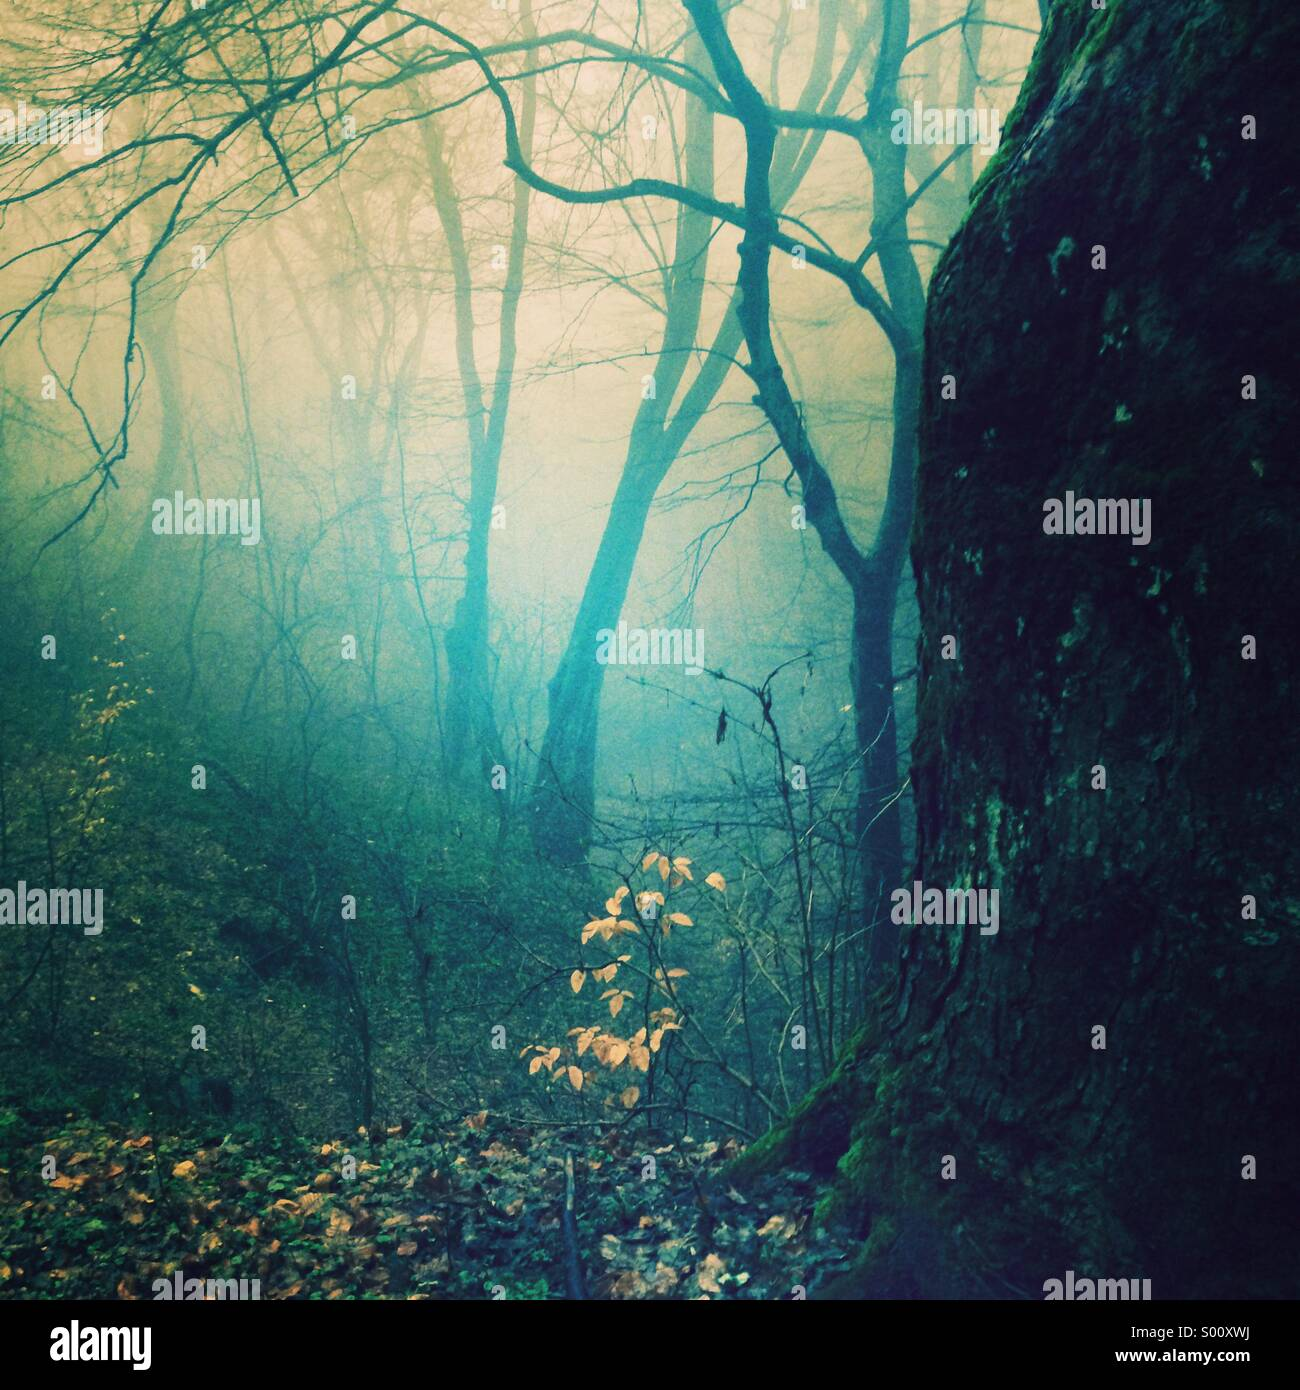 lost-in-a-misty-fairytale-S00XWJ.jpg